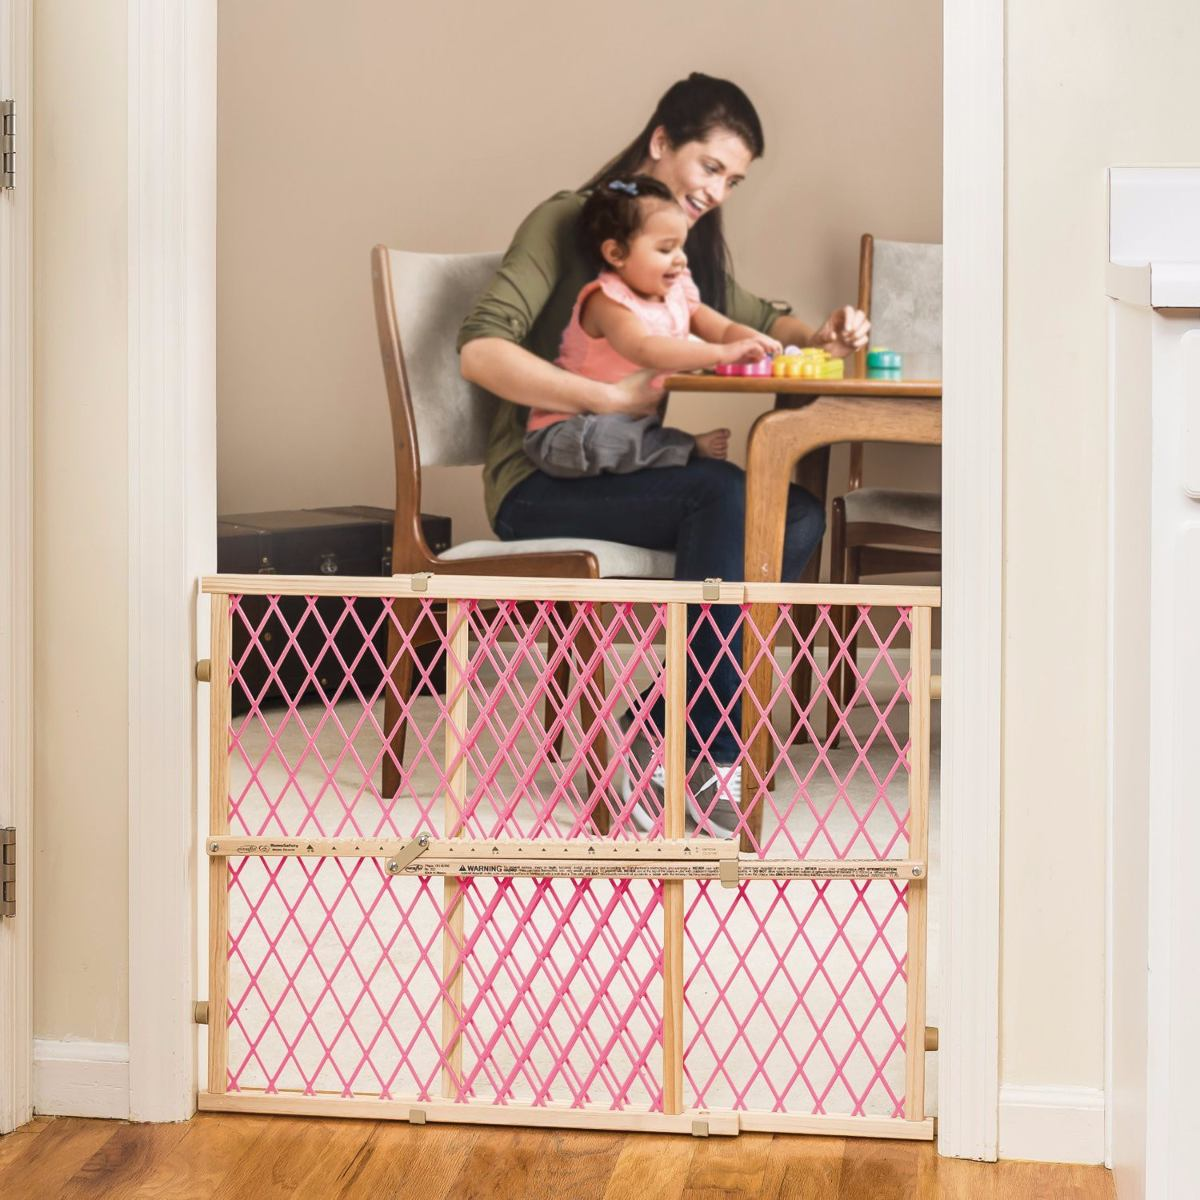 Puerta reja de madera evenflo seguridad bloqueo bebes rosa en mercado libre - Seguro para puertas bebe ...